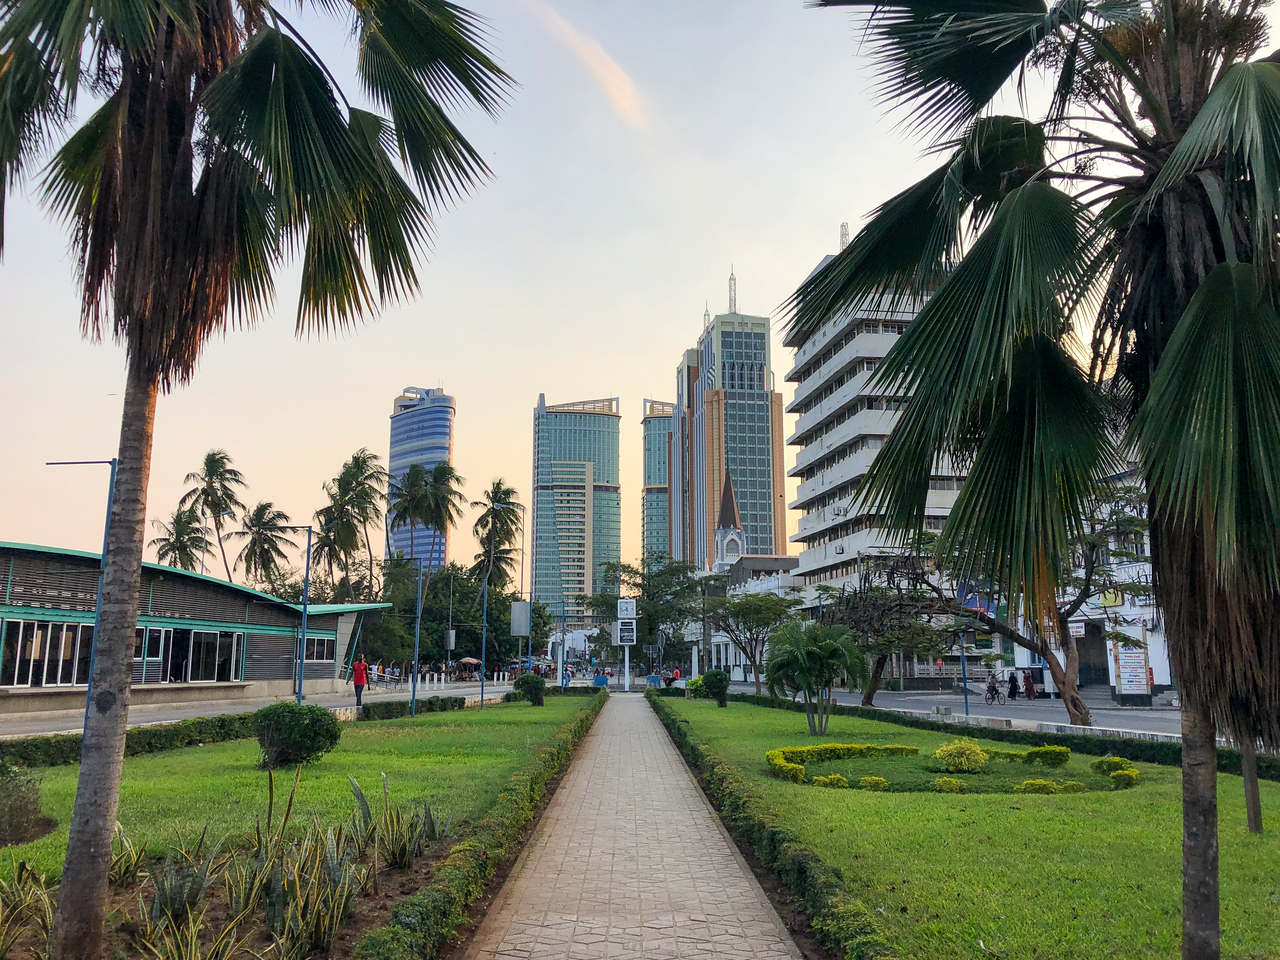 Dar es Salaam